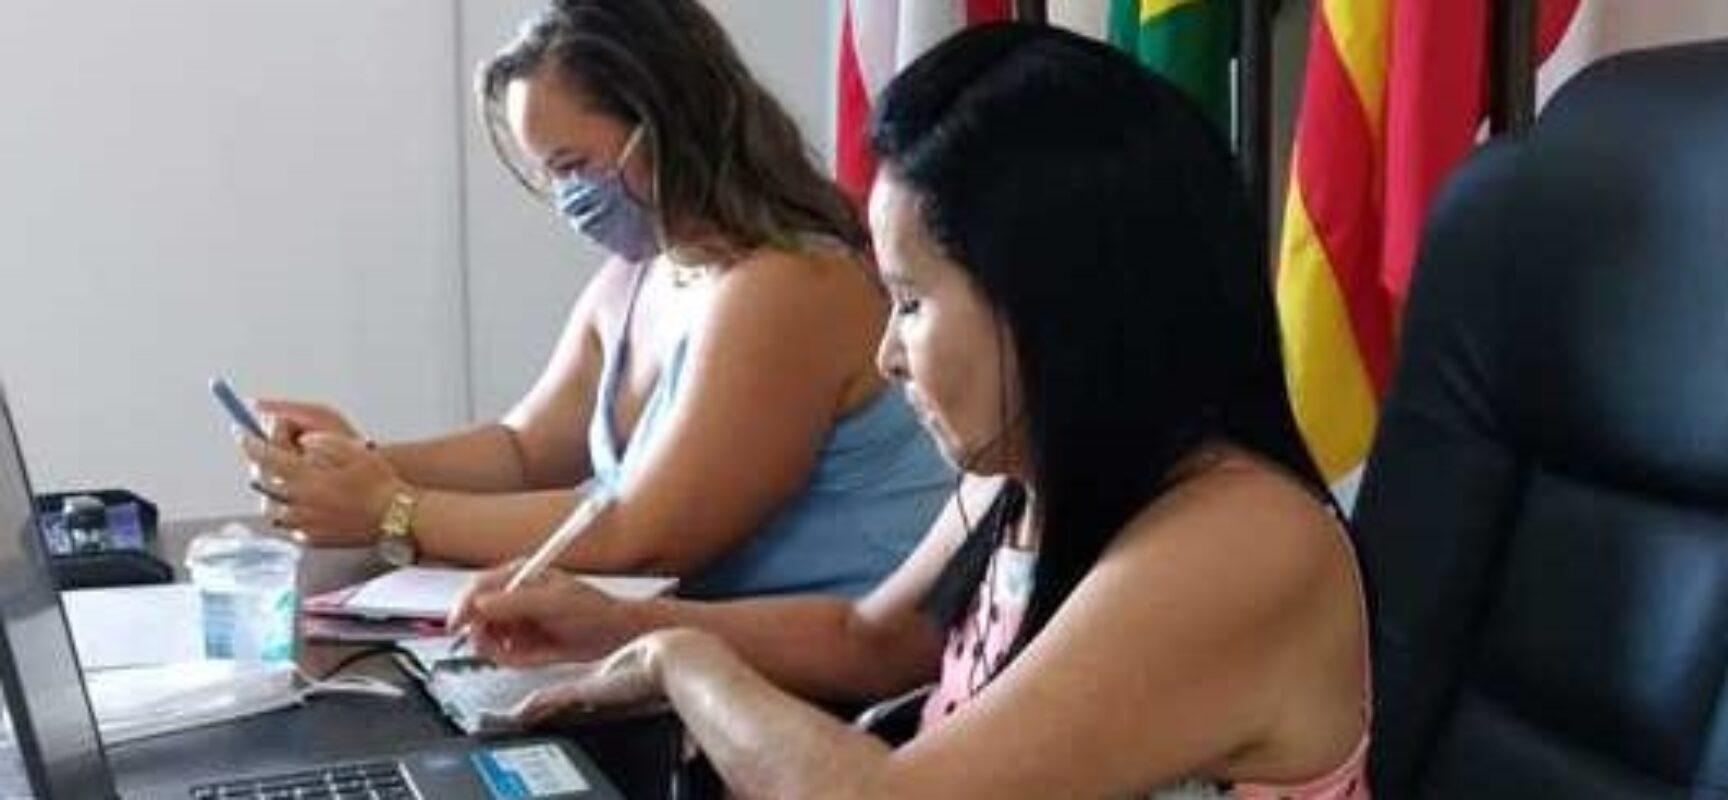 Agenda Seduc será marcada por entrega de netbooks, live e oficina de aprendizagem híbrida